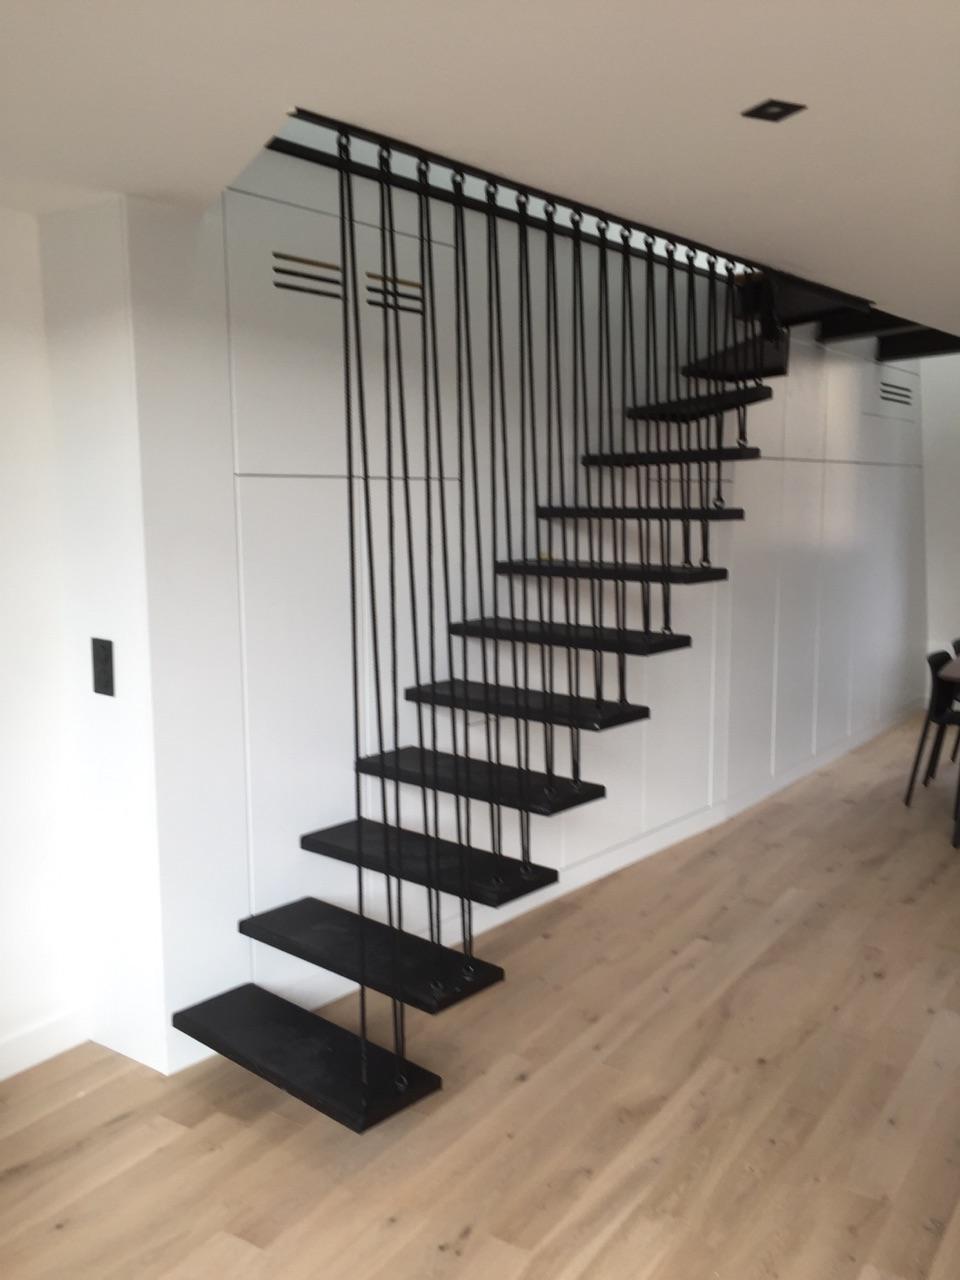 Escalier Bois Metal Noir escaliers deparis 77 - escaliers en bois sur mesure ile de